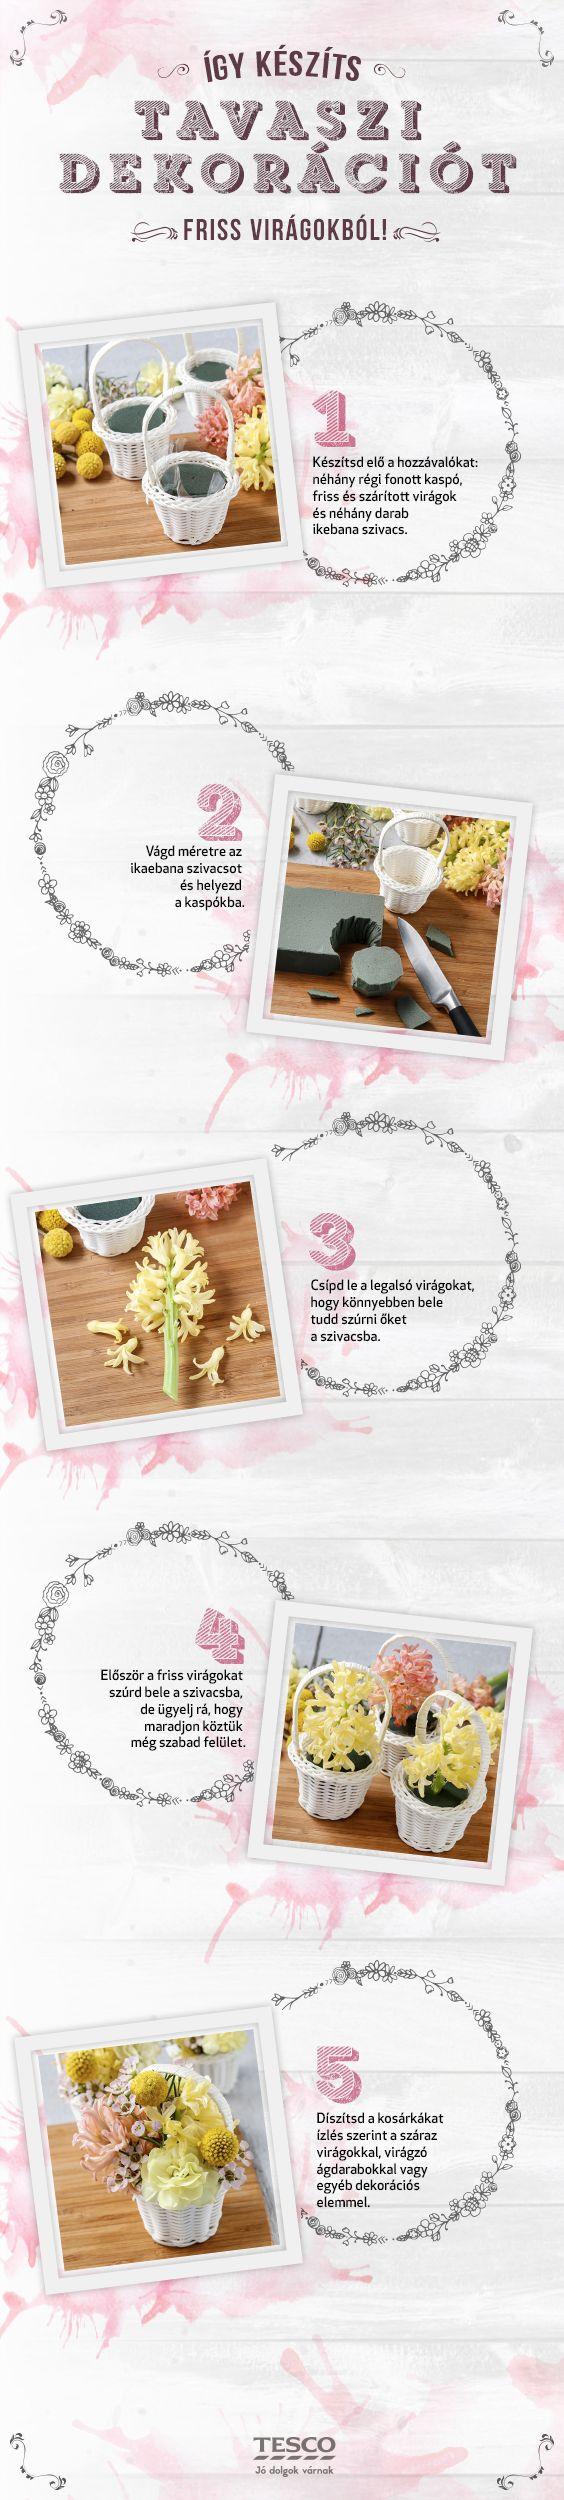 Legyen a Tiéd a legszebb húsvéti vendégváró asztal! Készítsd el ezt a csodálatos dekorációt, ami nem csak széppé, de illatossá is varázsolja az otthonod! :) #dekoracio #diy #ivrag #tavasz